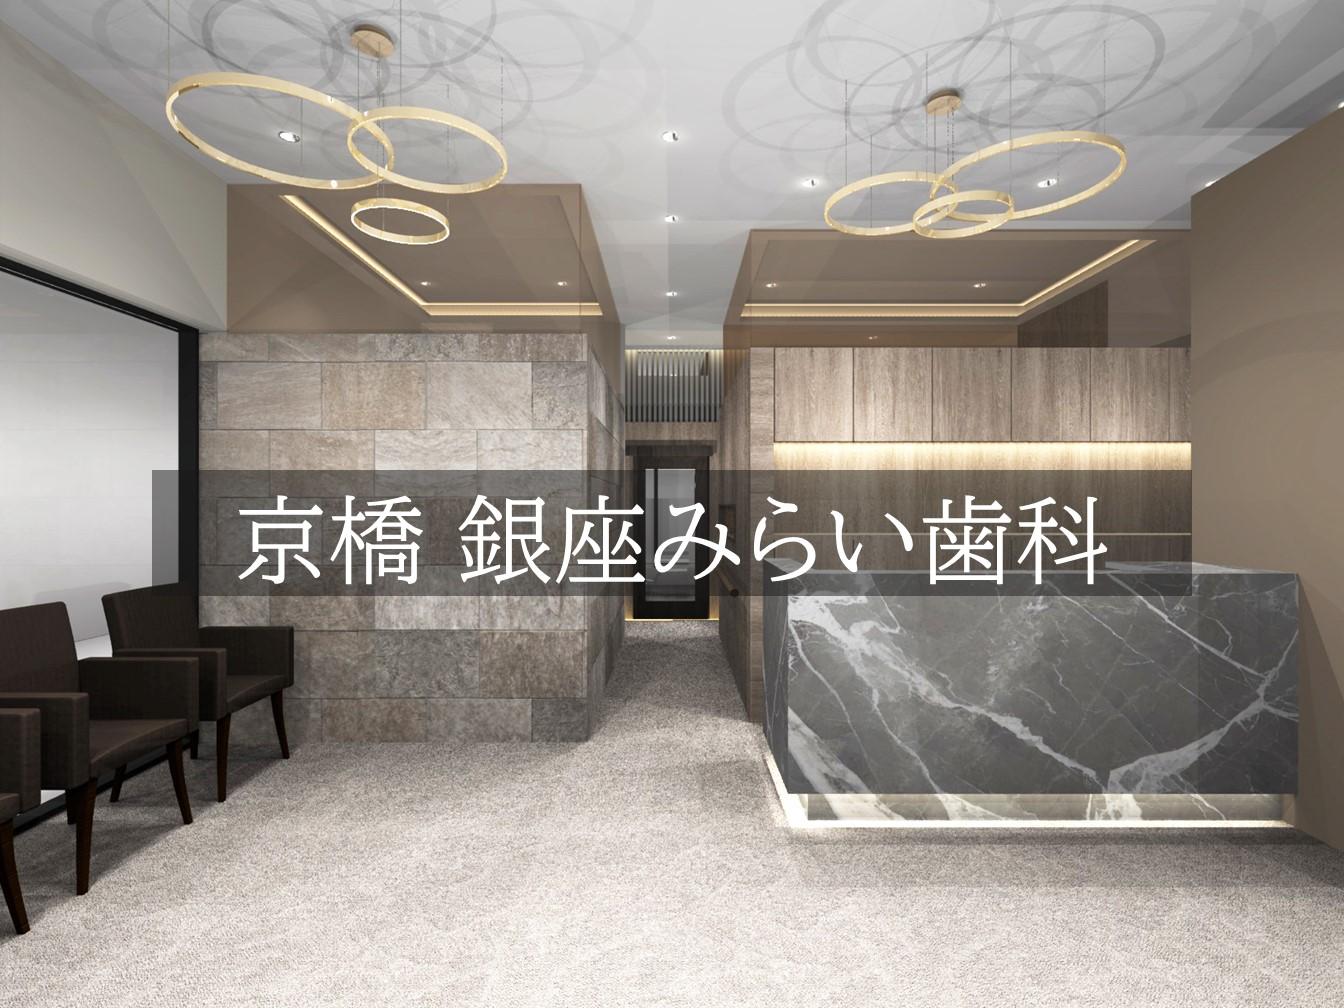 2021年12月、当院は京橋駅直結の東京スクエアガーデンへ移転します